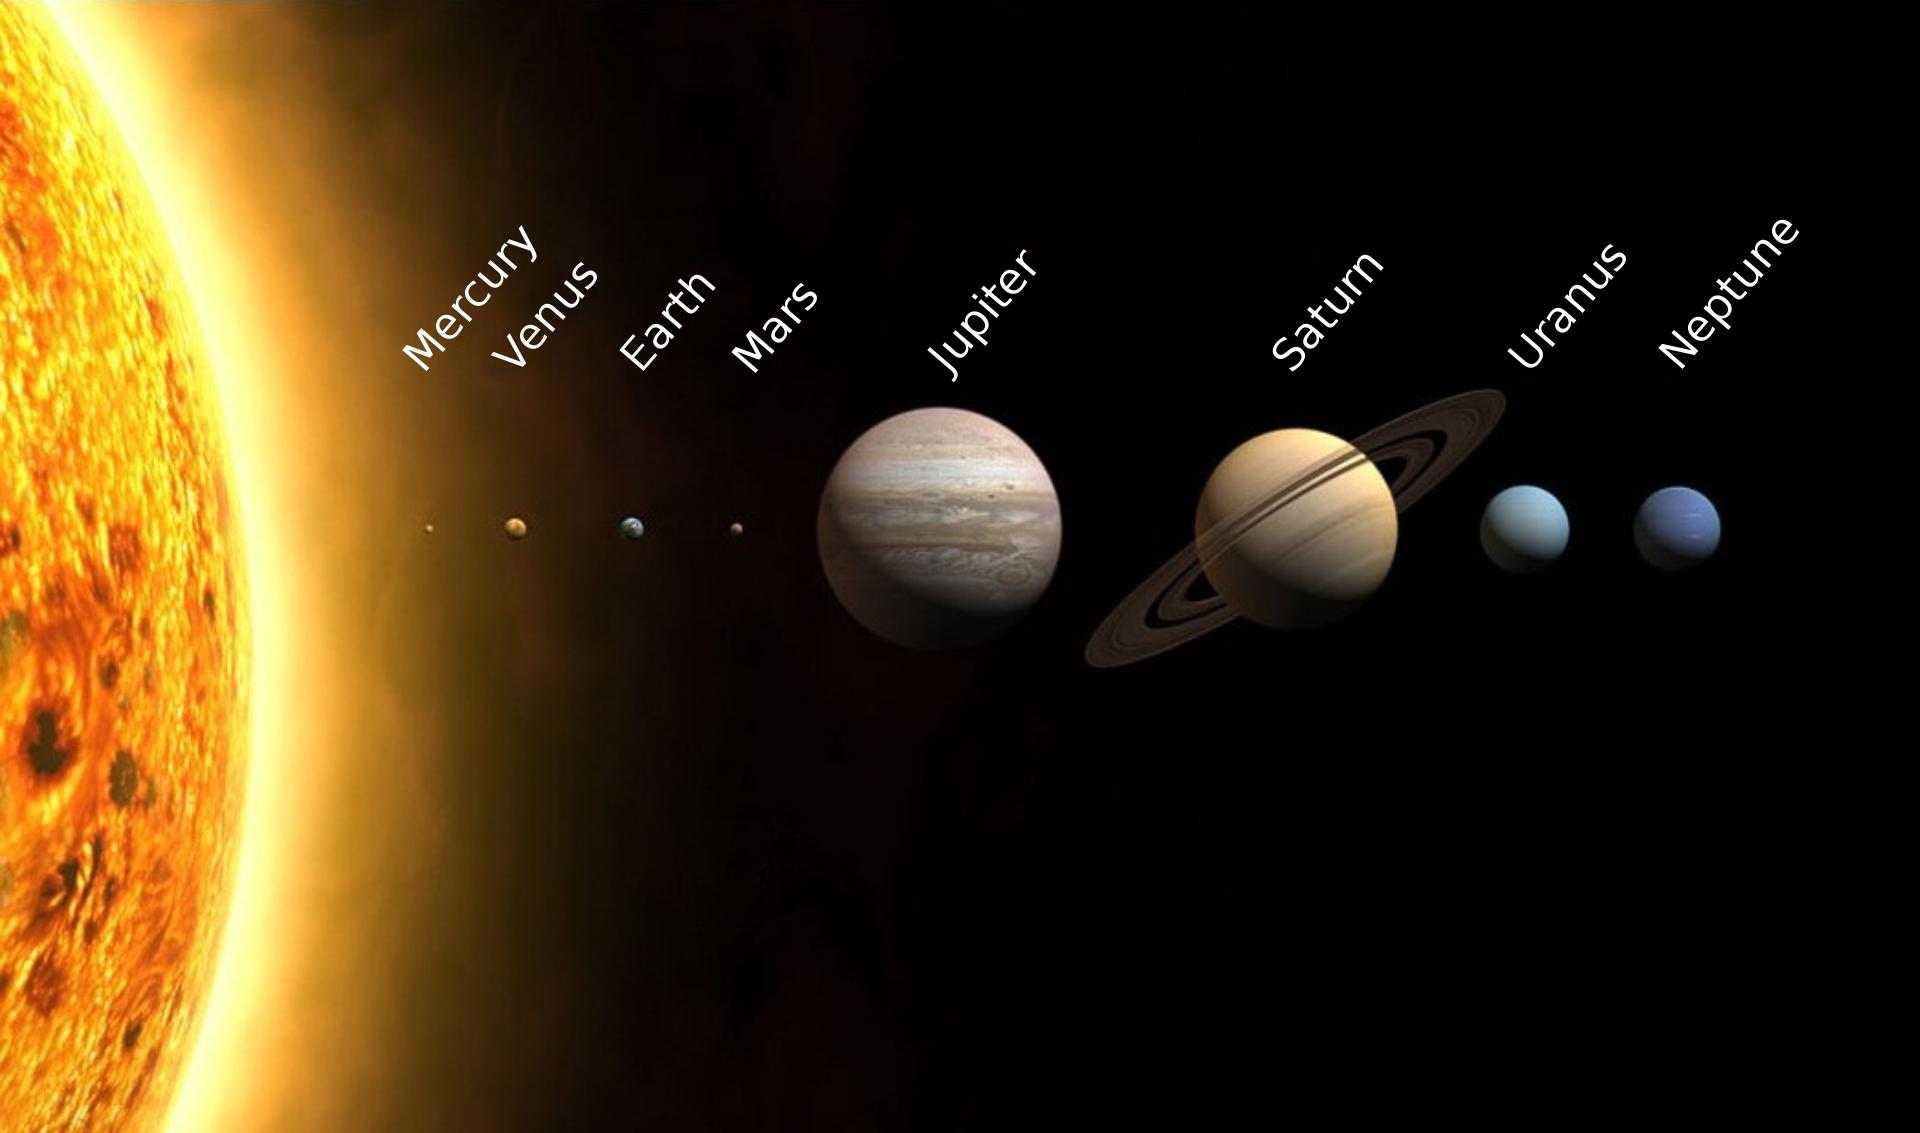 为什么太阳系中的太阳、行星、卫星和小行星都处于同一平面上?